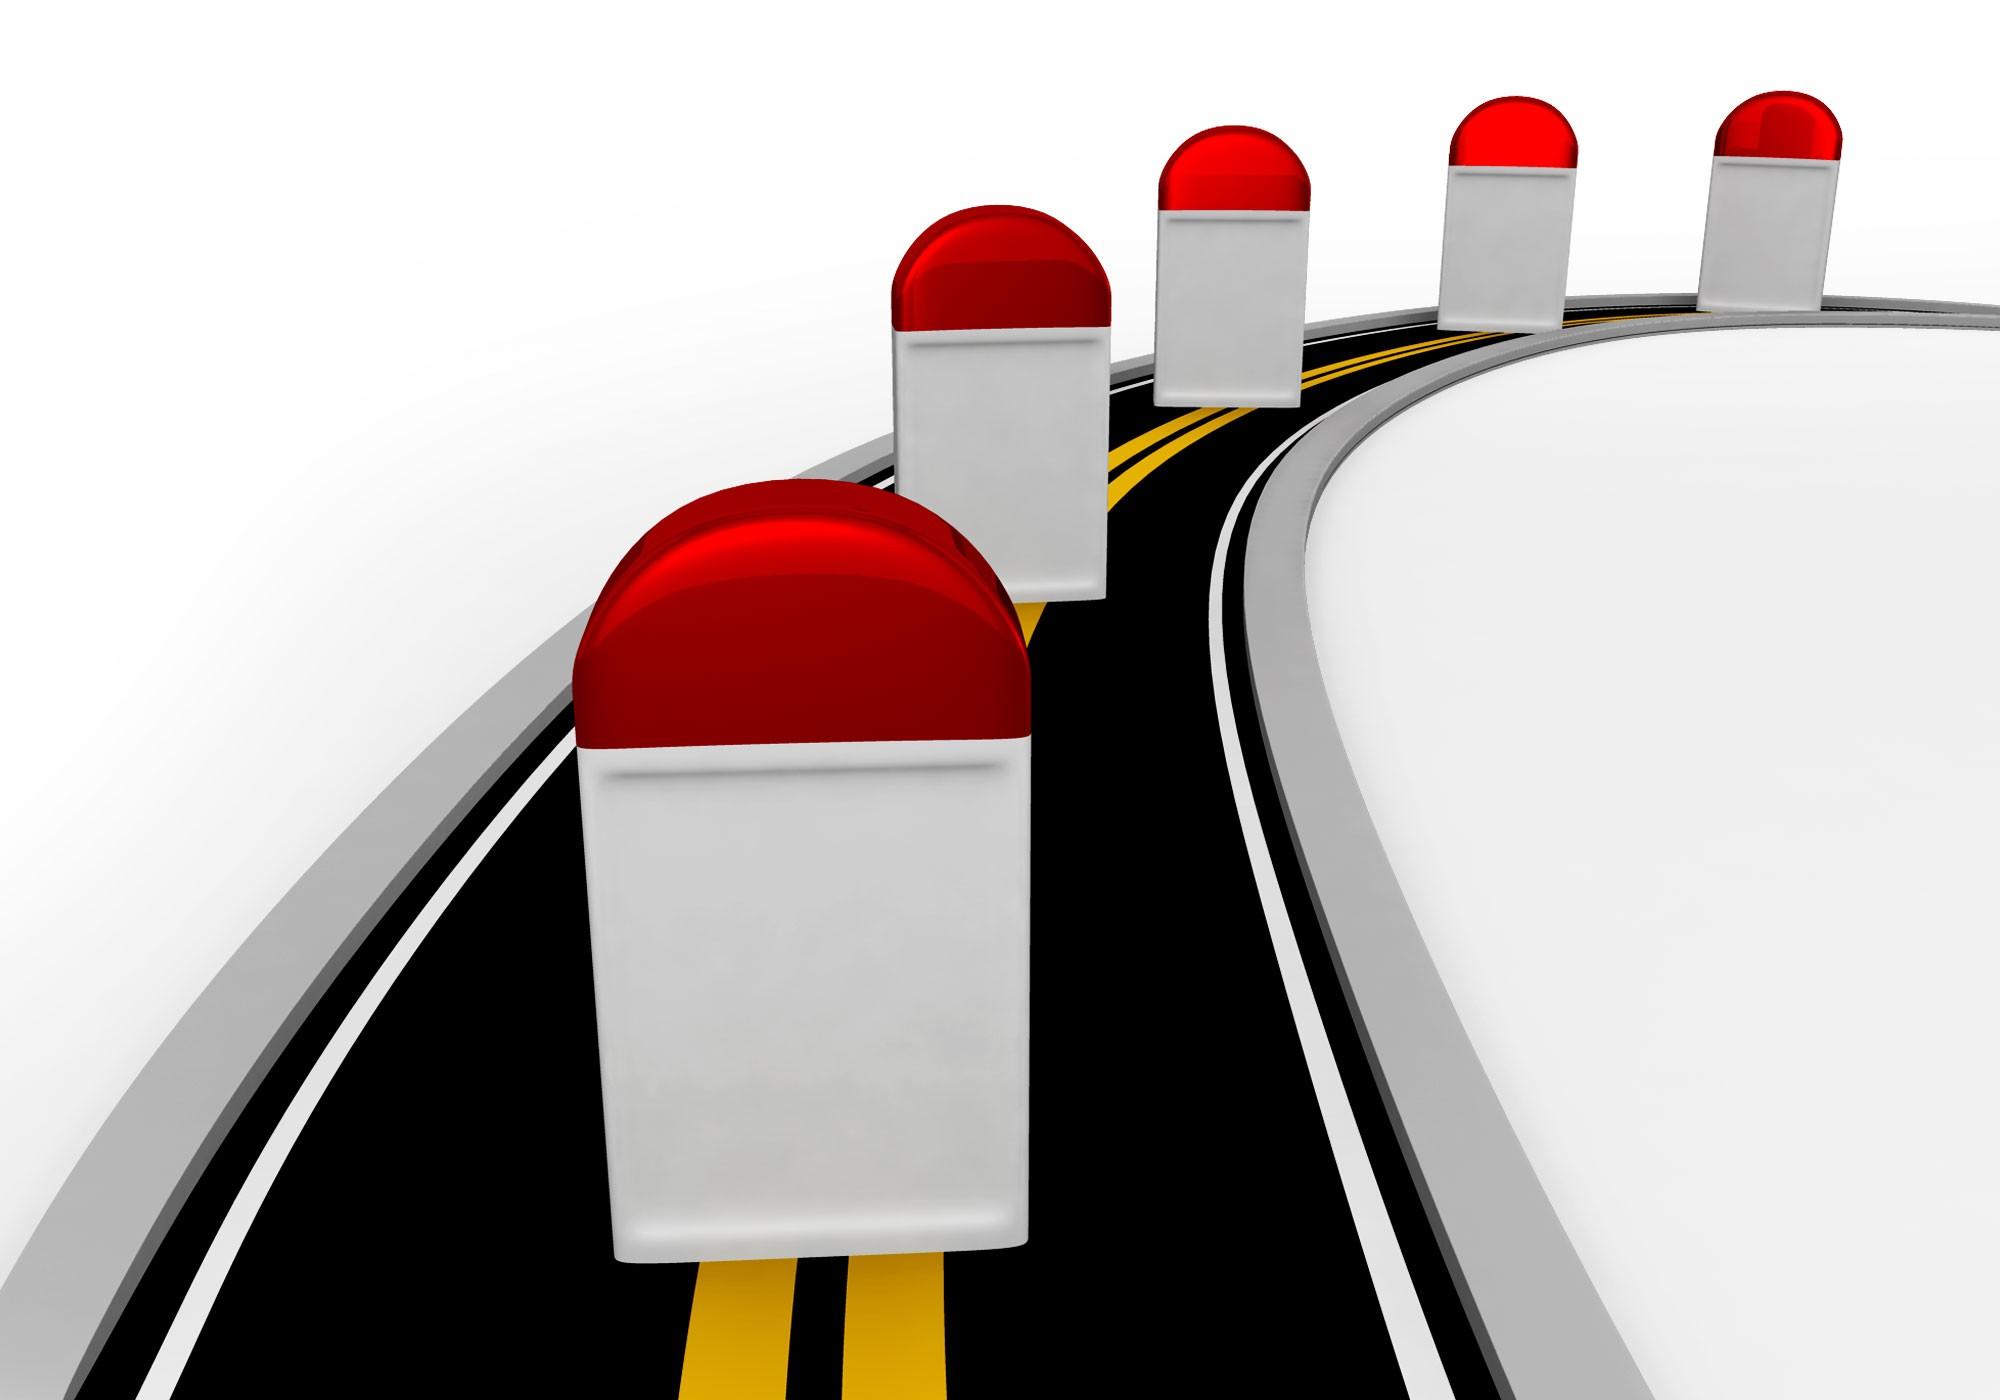 Road milestone clipart.